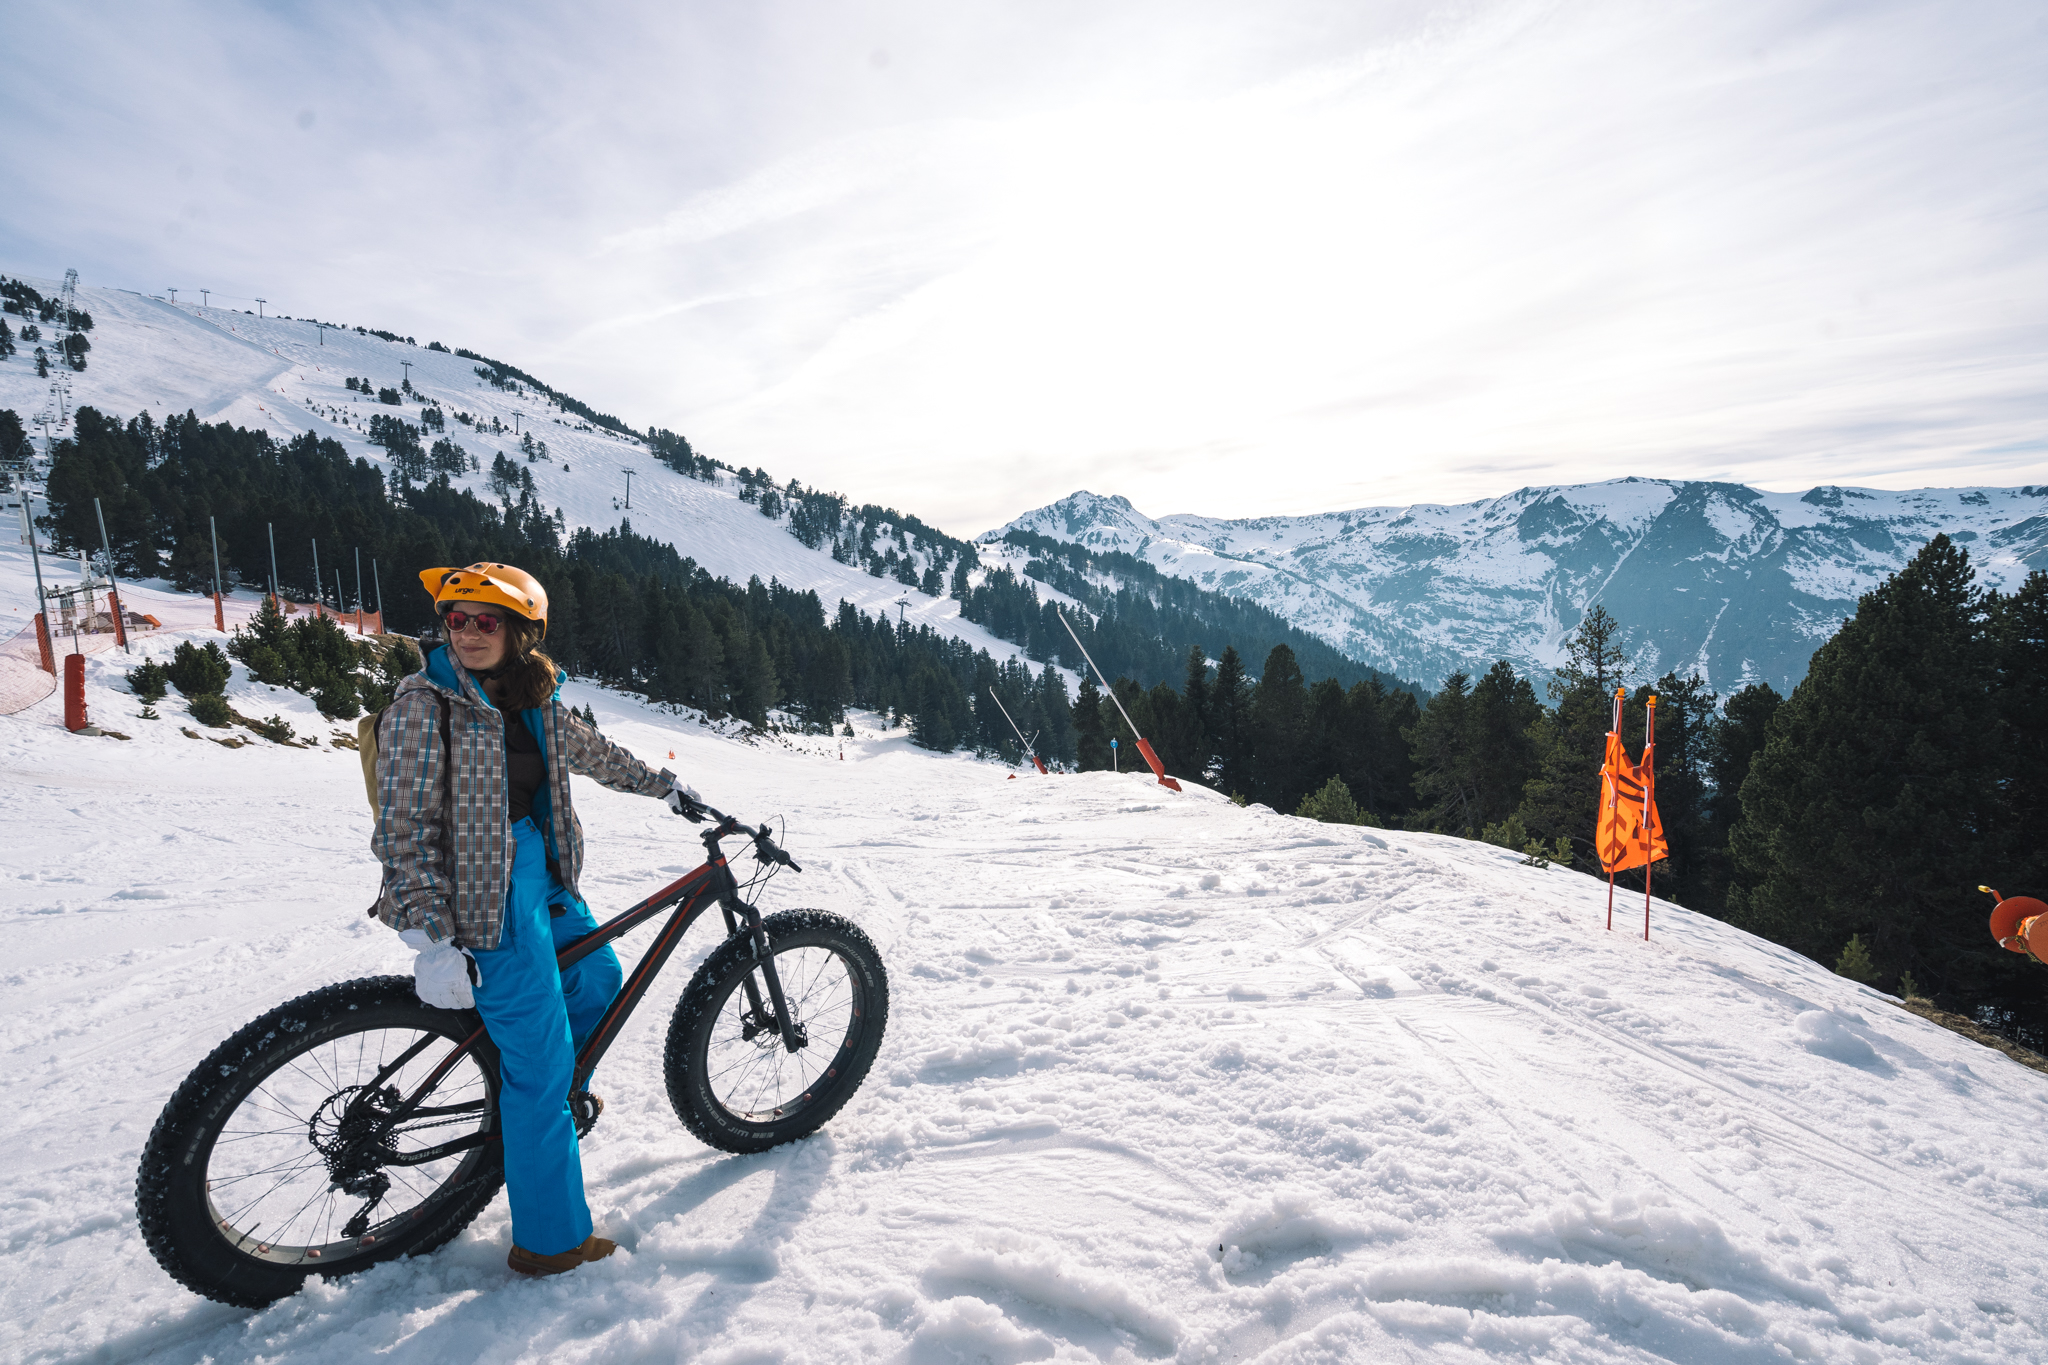 fat-bike-activité-ariege-montagne-vtt